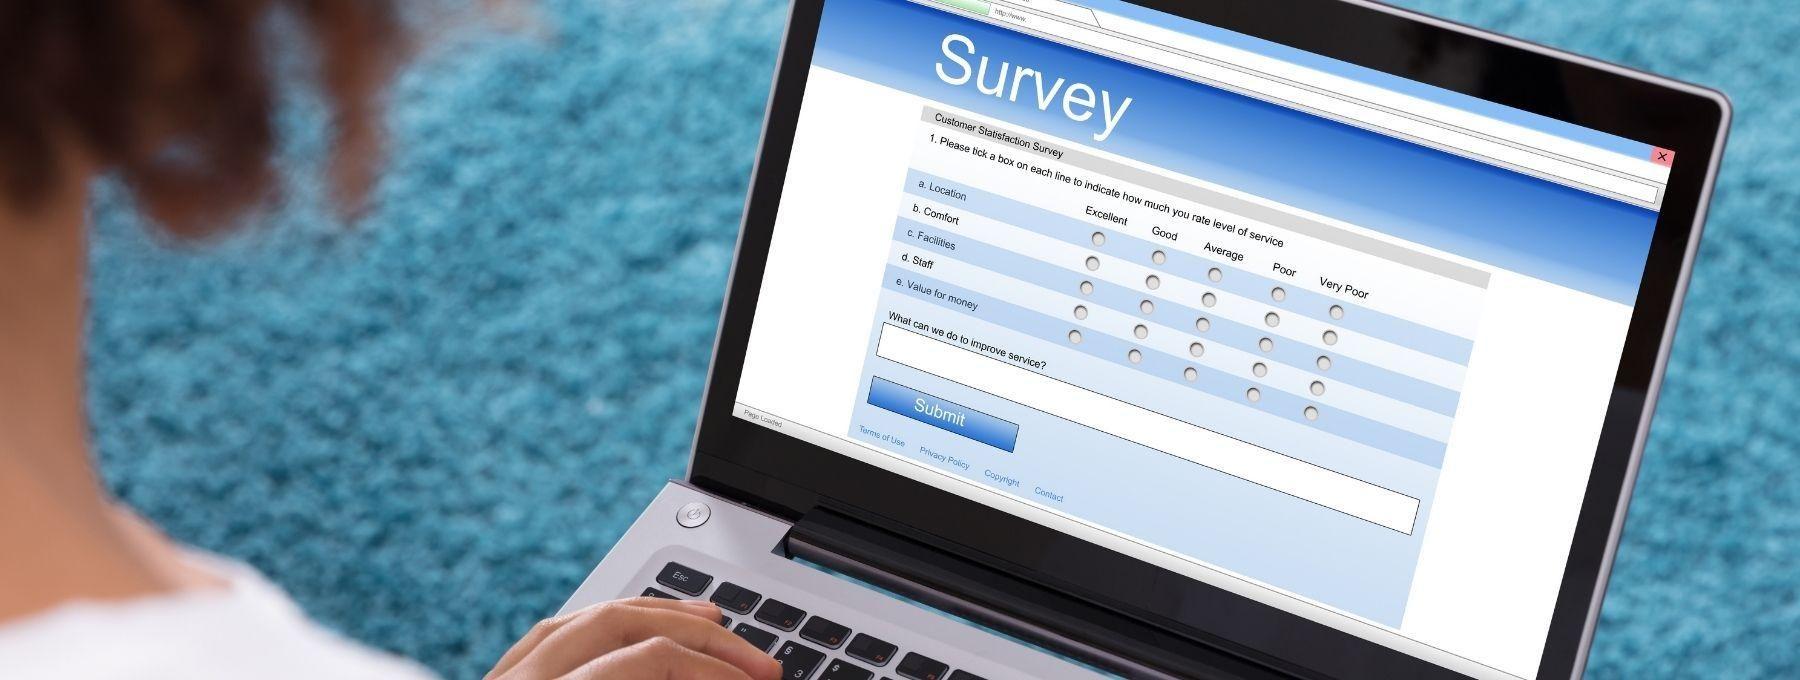 Survey 1800 x 680